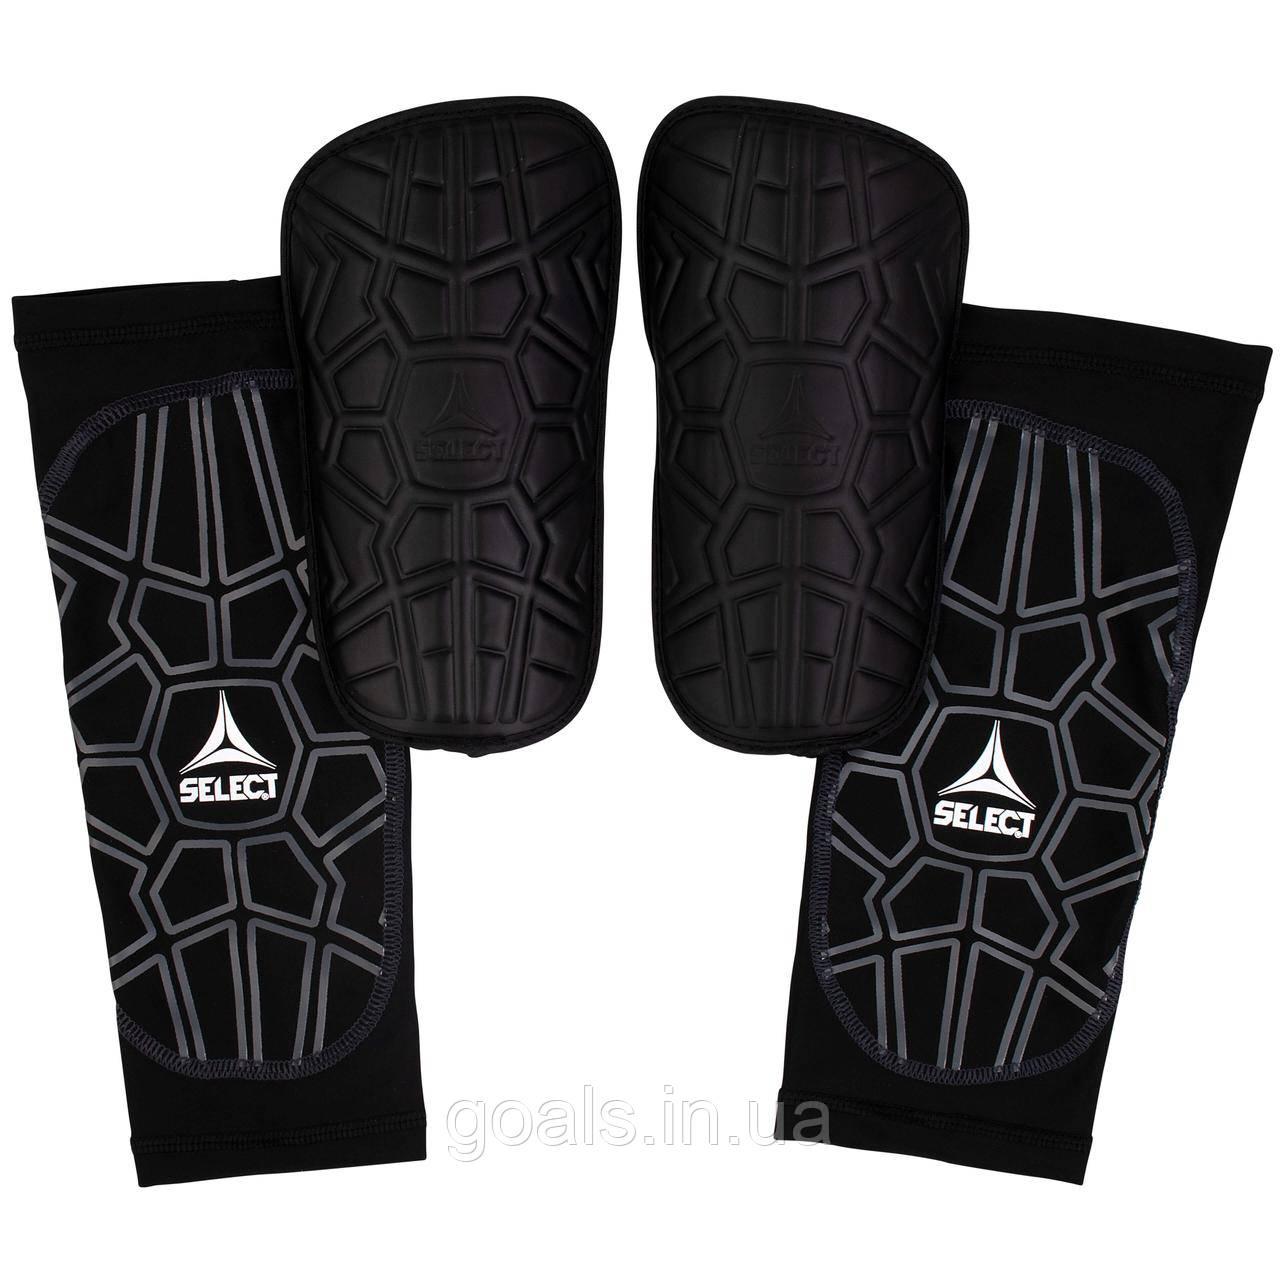 Щитки футбольные SELECT SHIN GUARD SUPER SAFE, (010), черный p.M